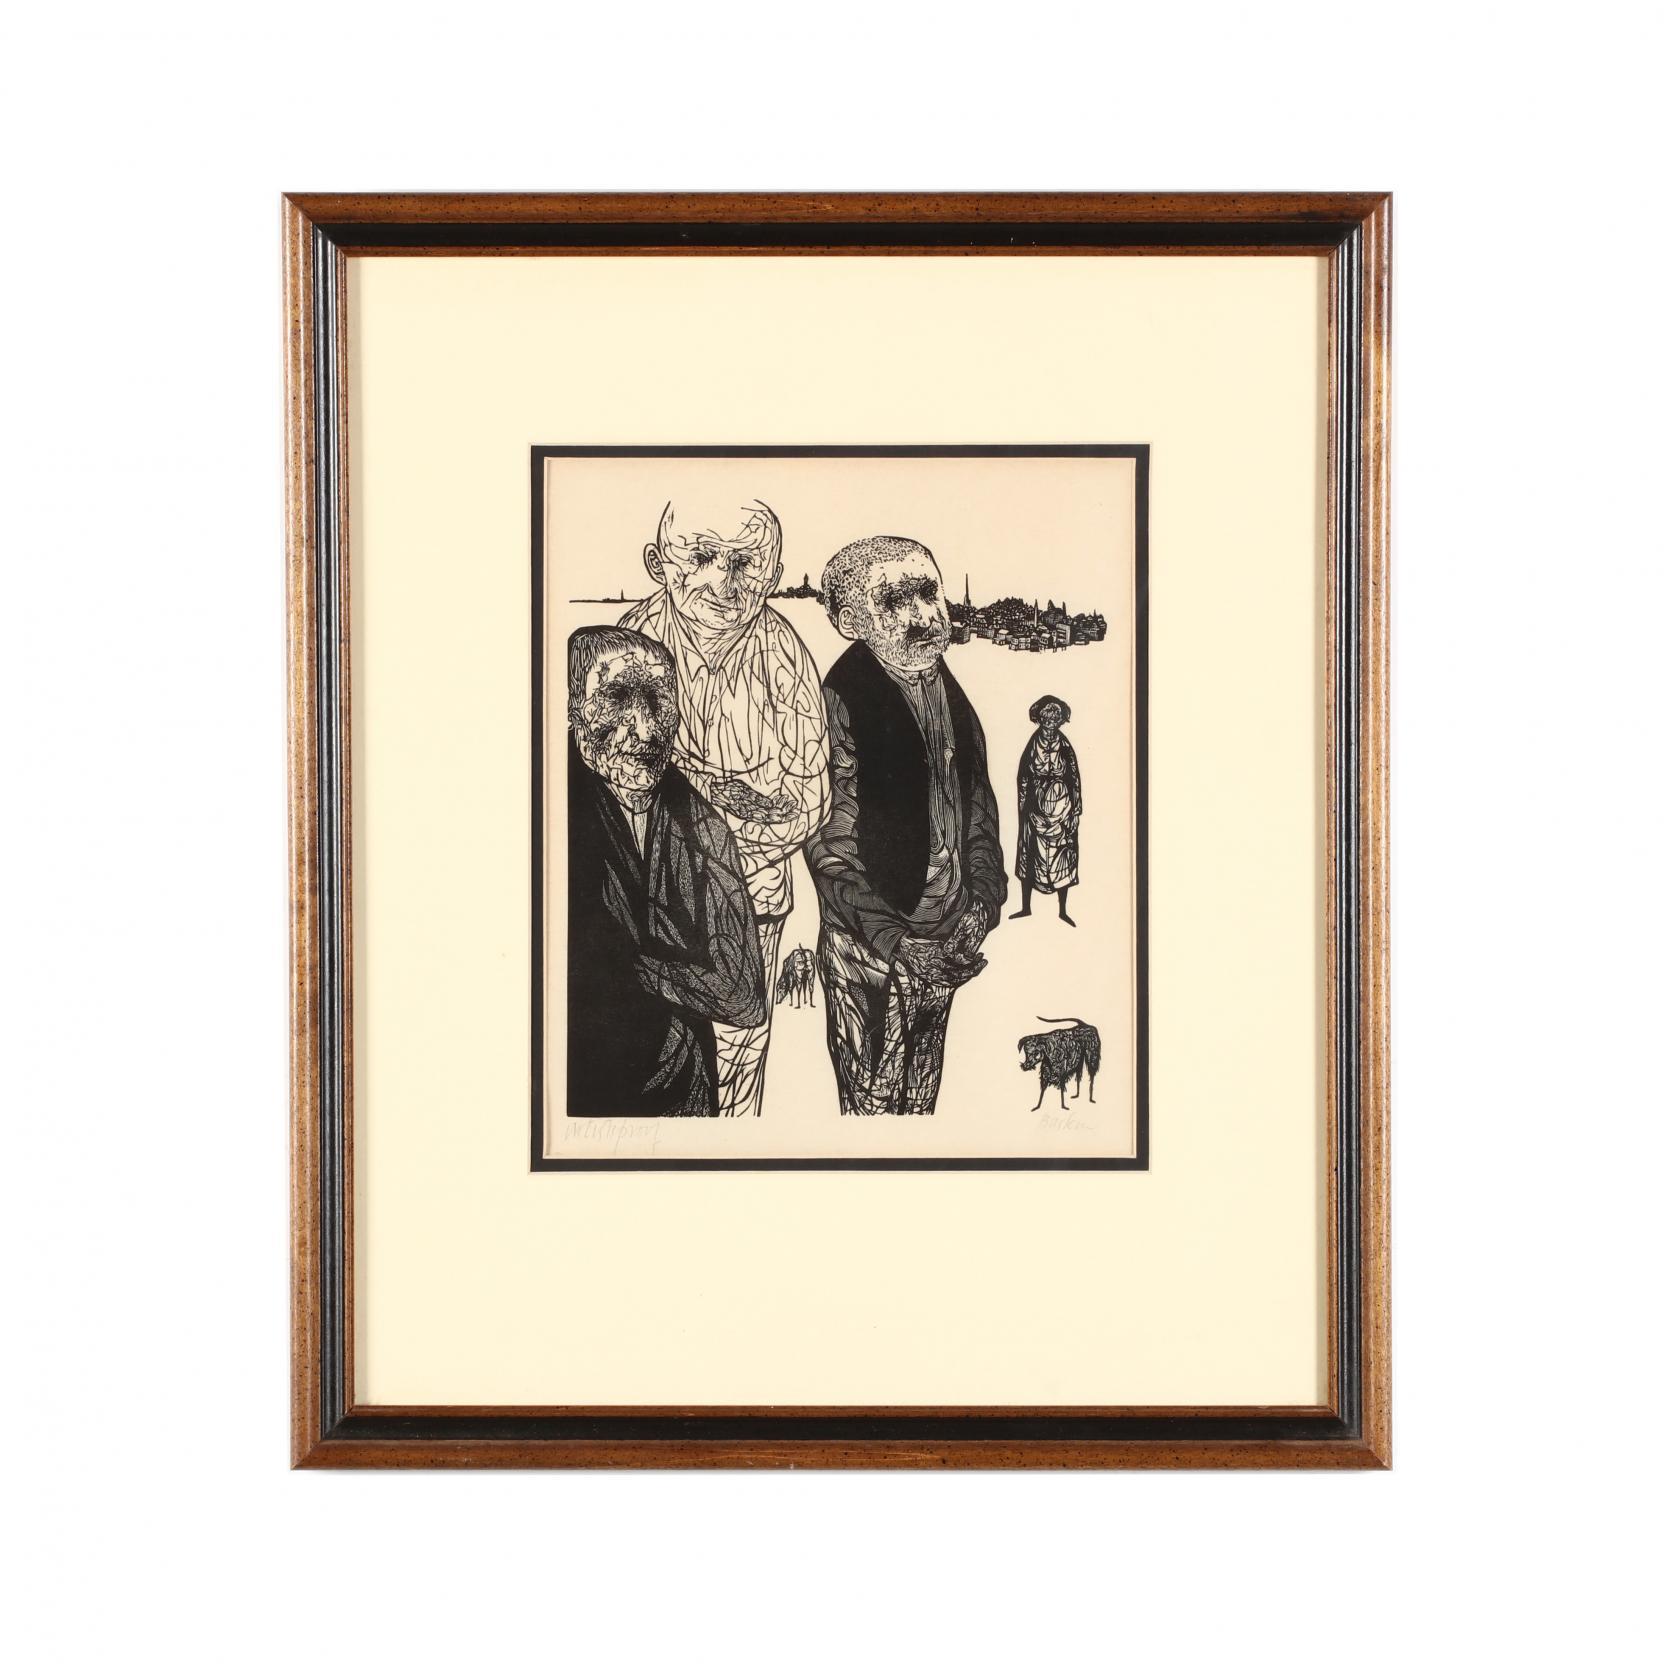 leonard-baskin-american-1922-2000-i-view-in-worcester-i